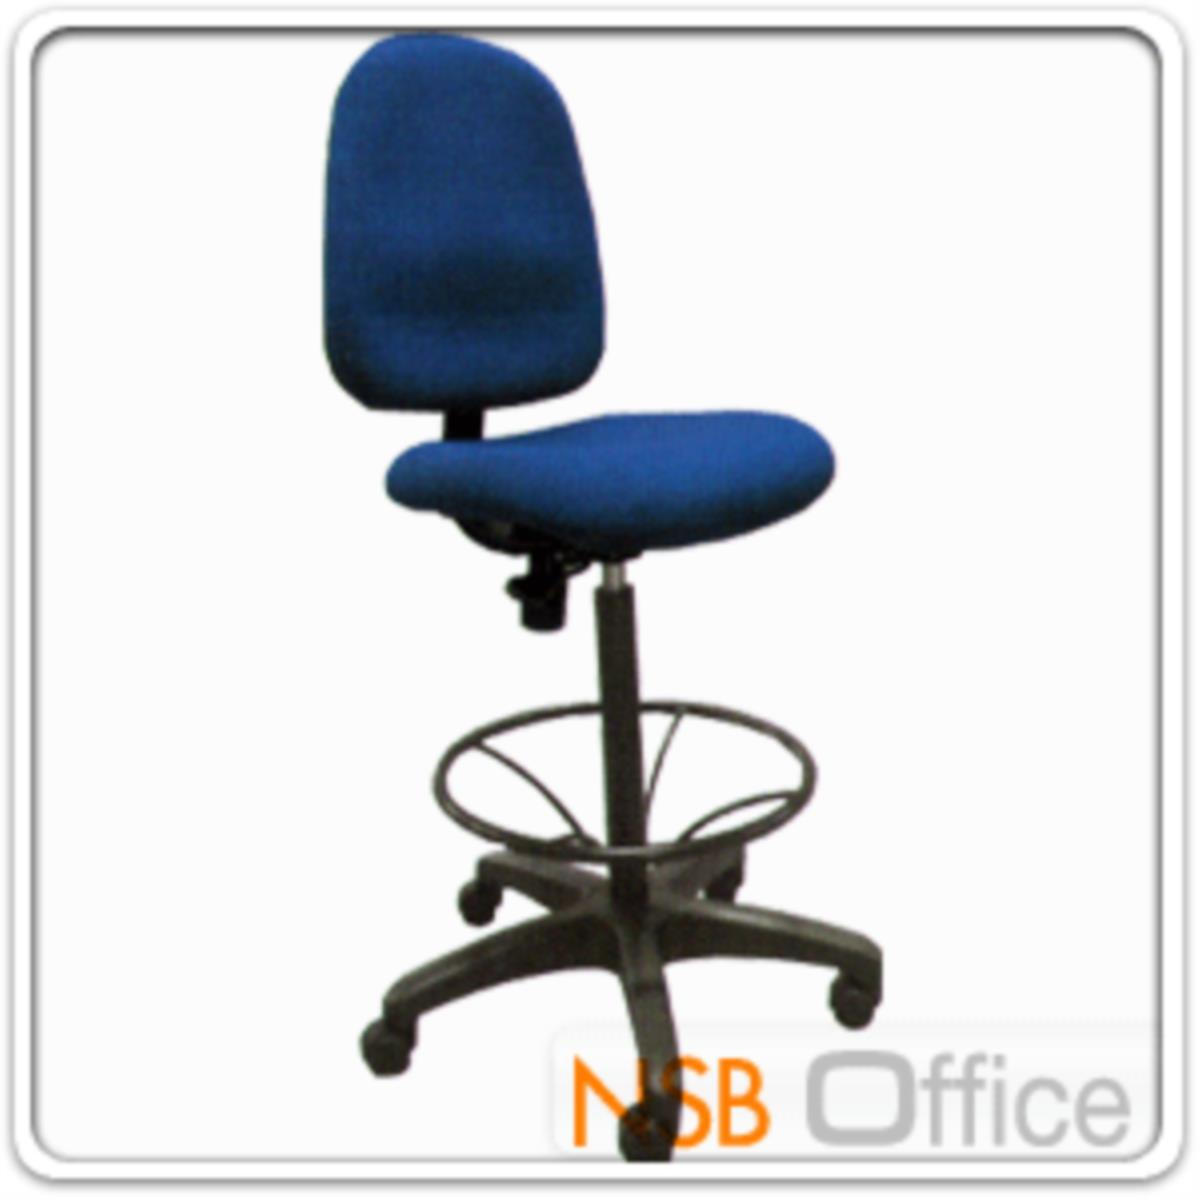 เก้าอี้บาร์ที่นั่งเหลี่ยมล้อเลื่อน รุ่น Scrow (สโครว์)  มีก้อนโยก ขาพลาสติกแบบตัน